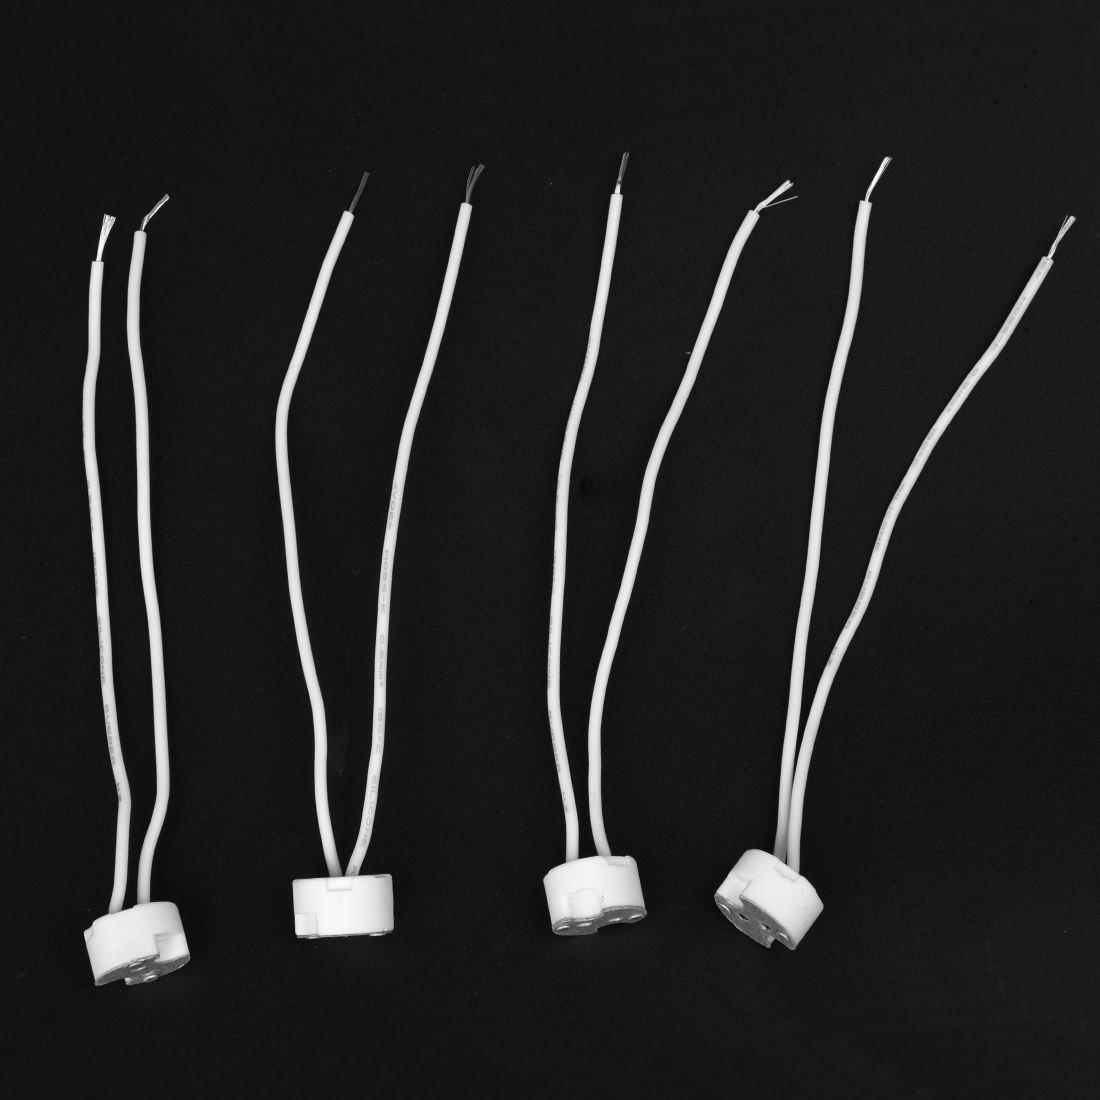 XZANTE 4pcs MR16 MR11 GU5.3 LED Zocalo de conector de Soporte de la lampara de ceramica AC 250V